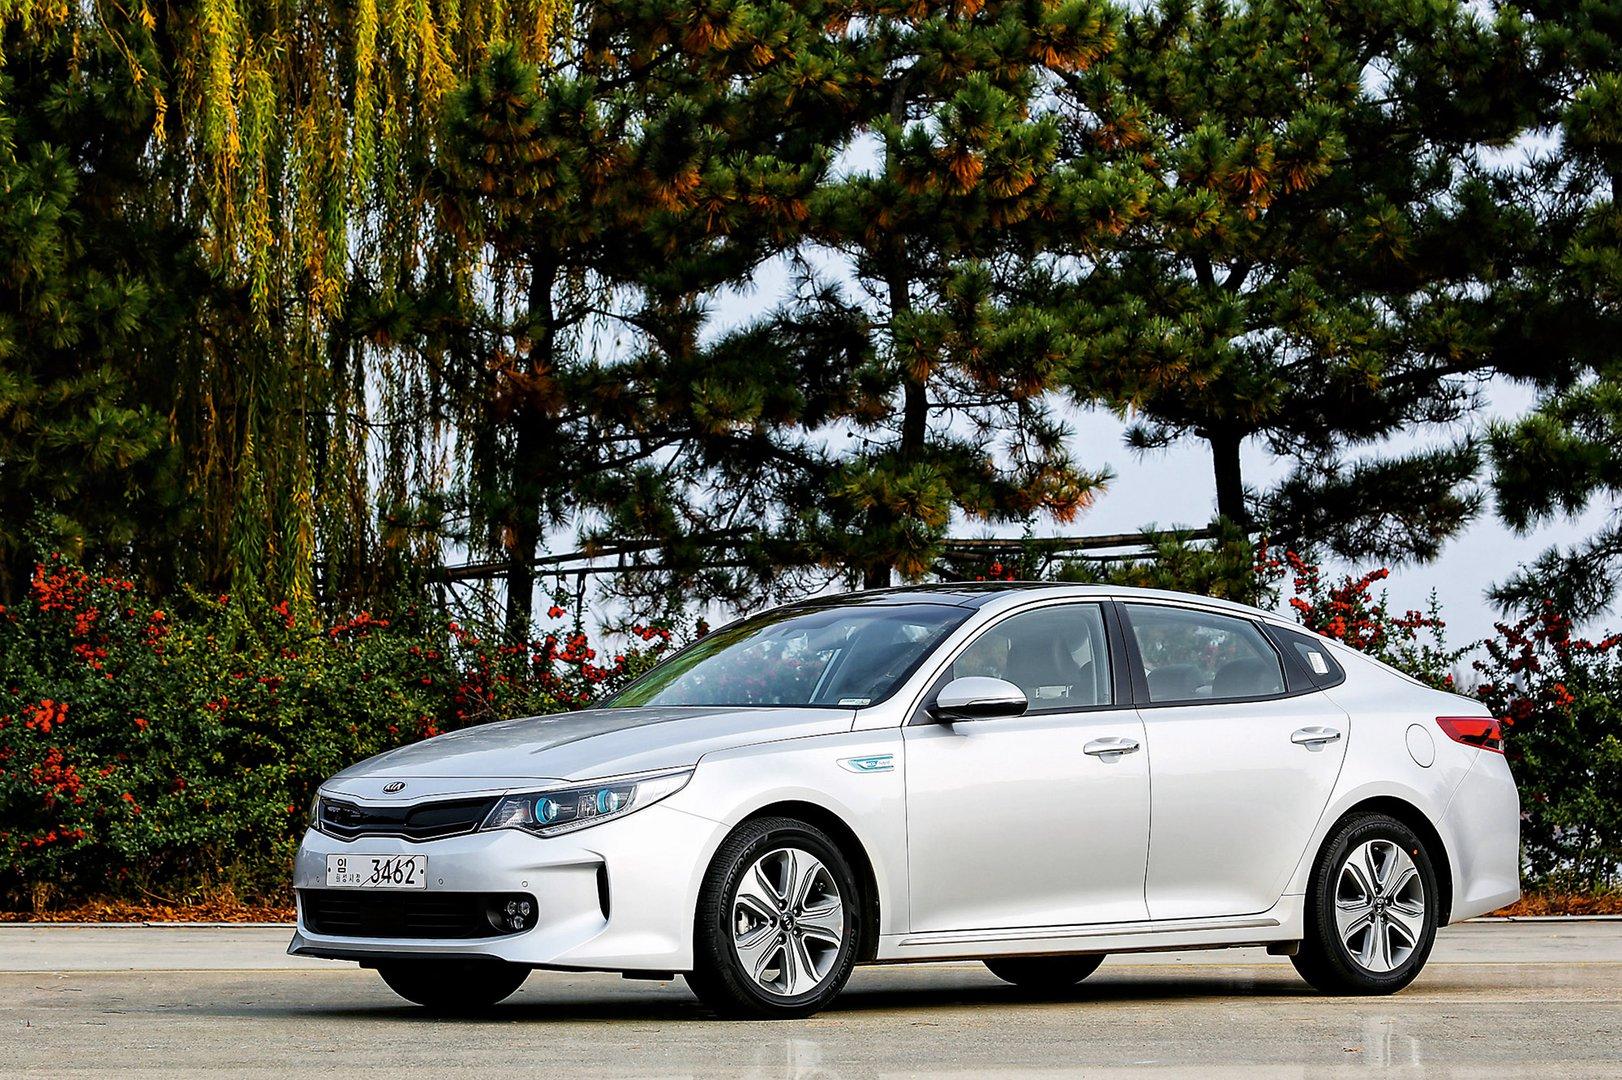 Kia Optima Hybrid Eco Friendly